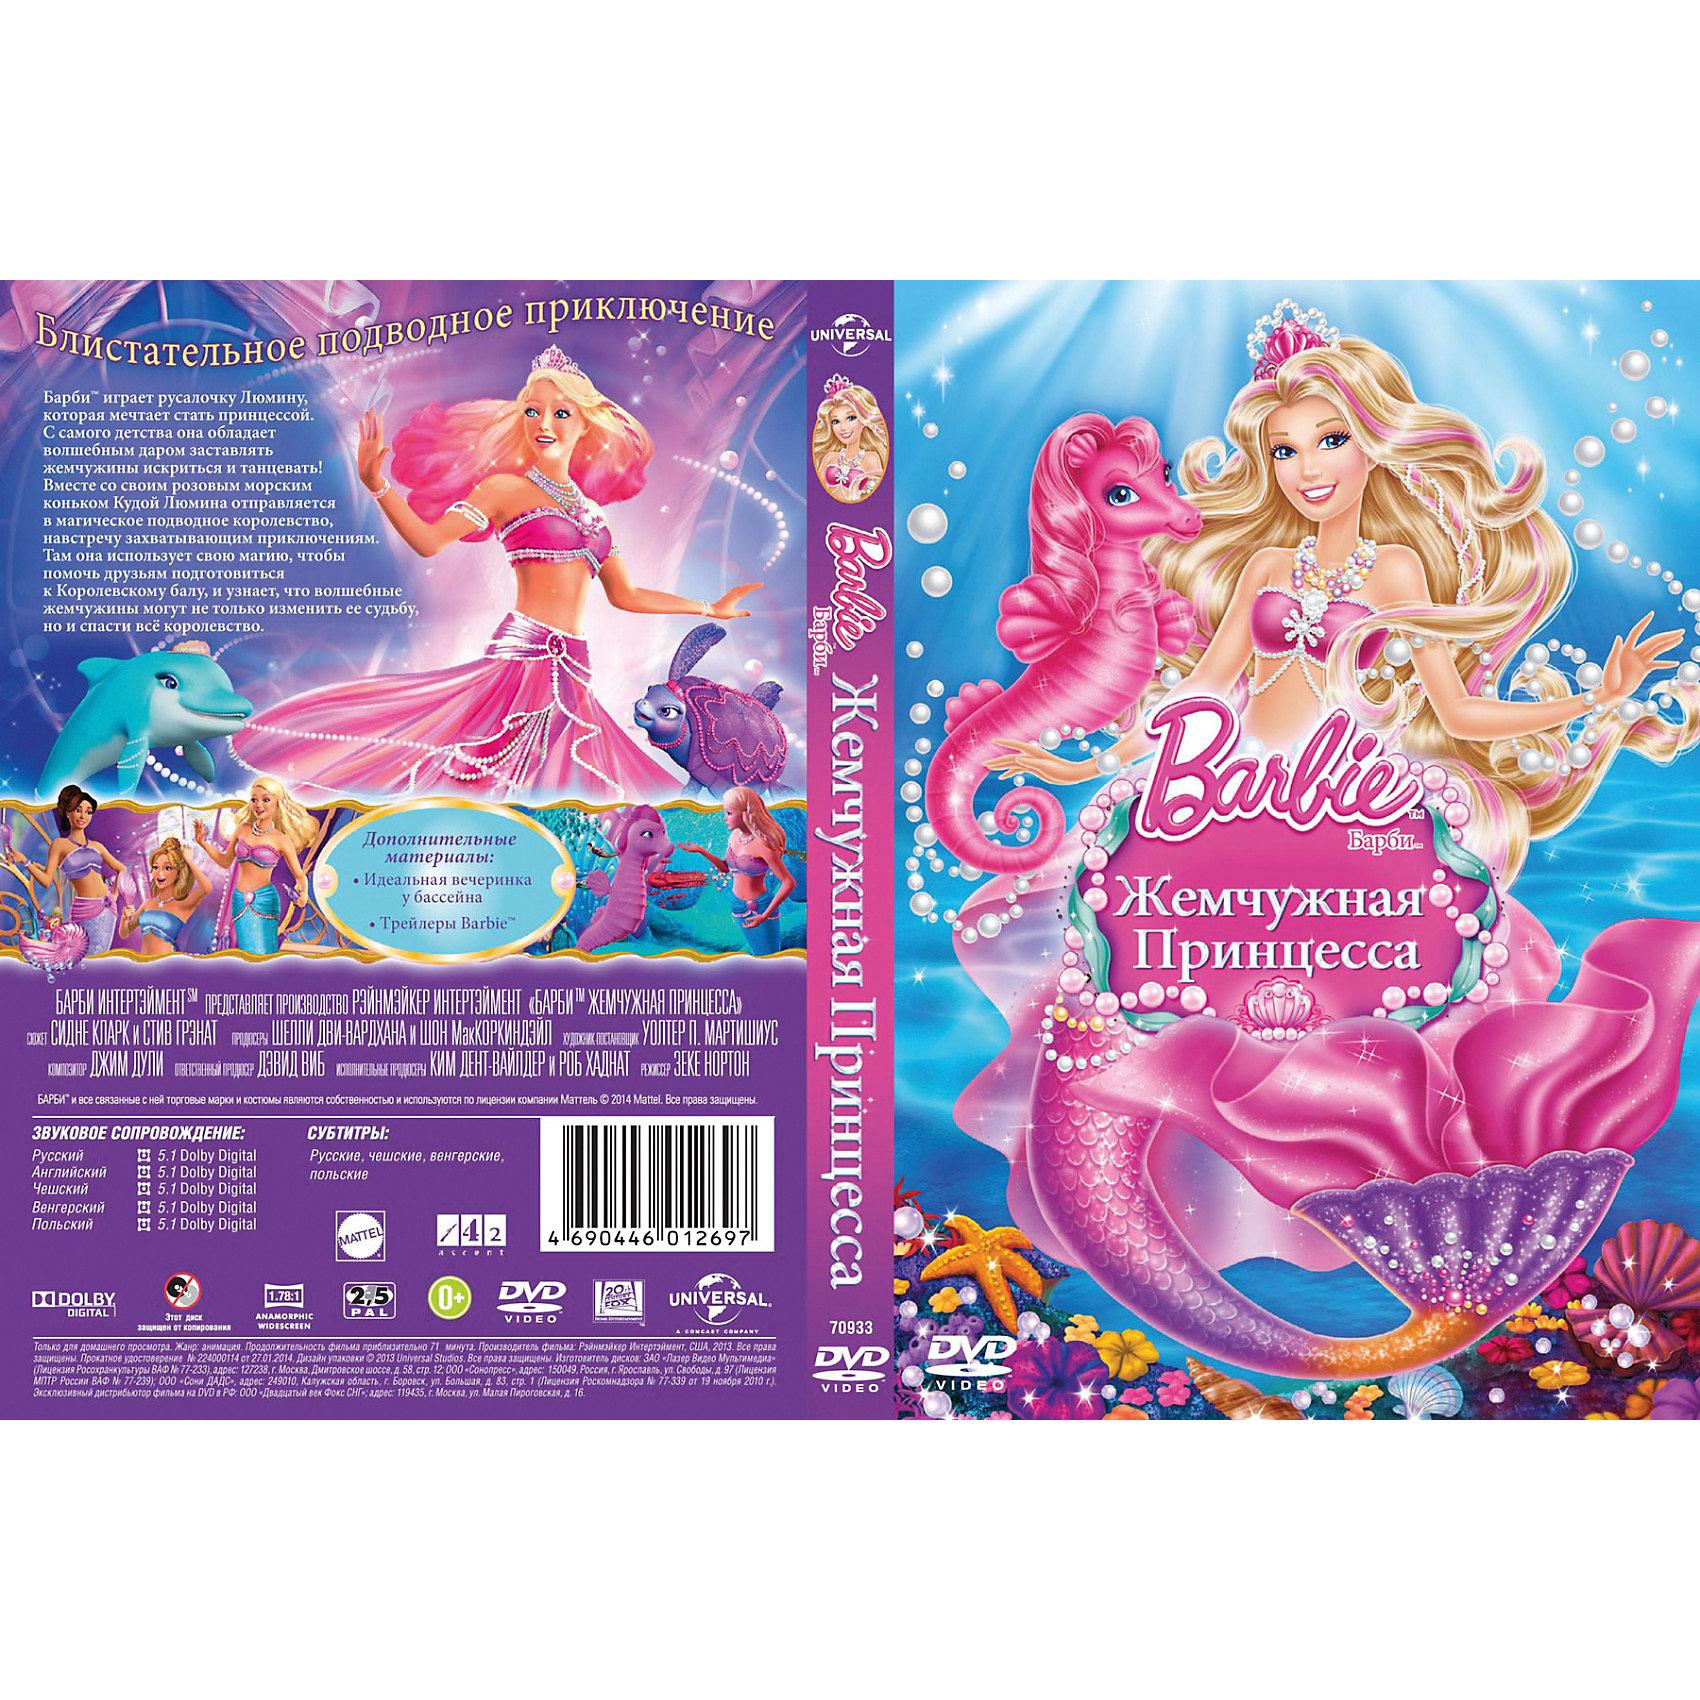 Новый Диск DVD Барби: Жемчужная принцесса, Barbie джой dvd